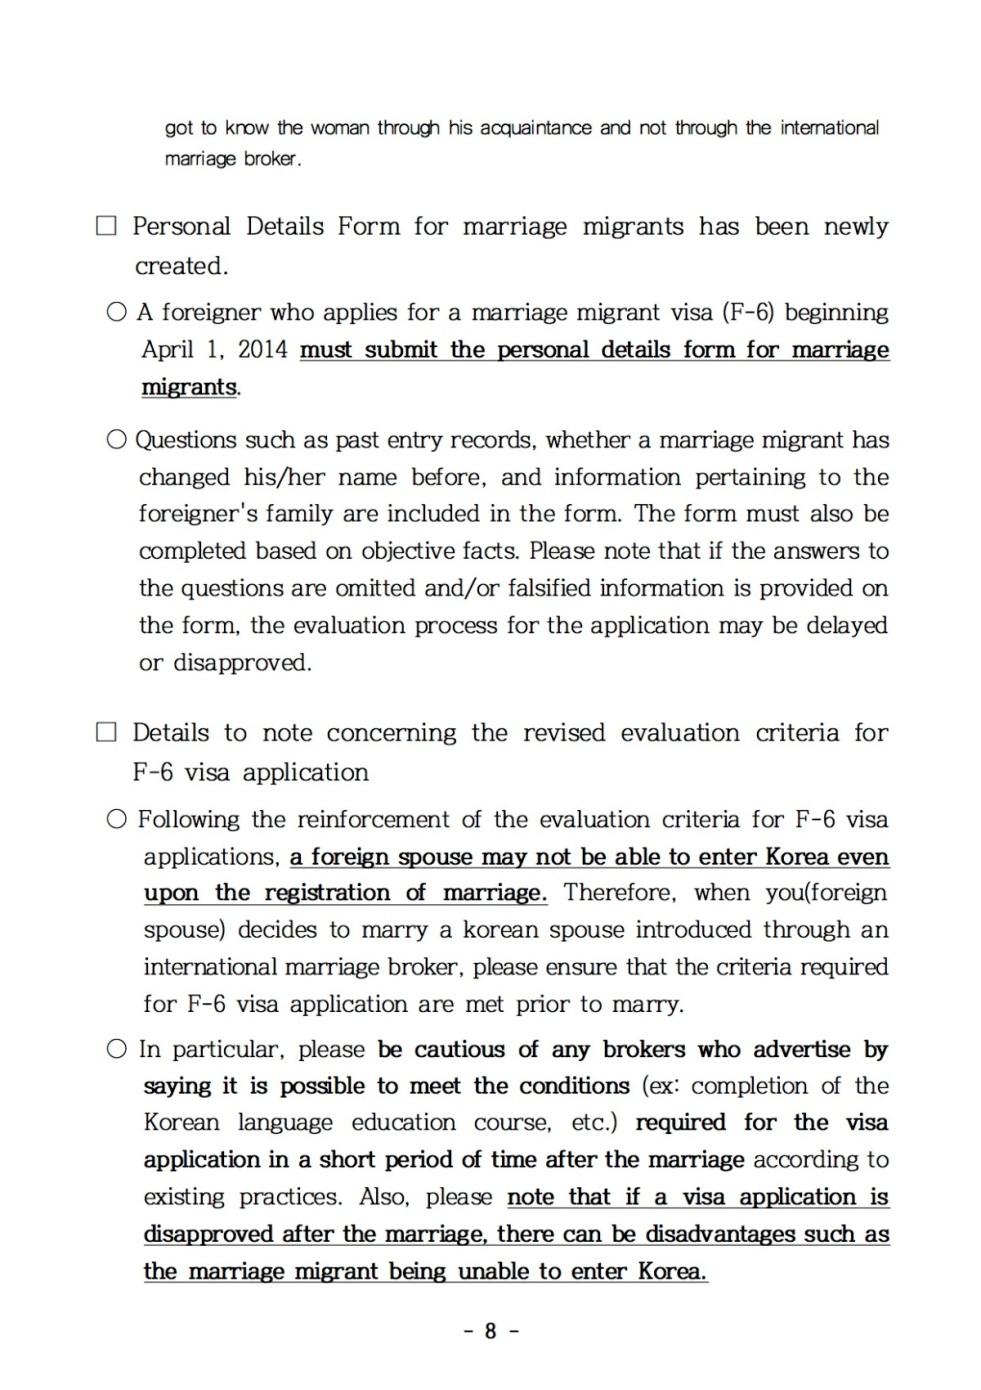 korean-spouse-visa-f-6-8